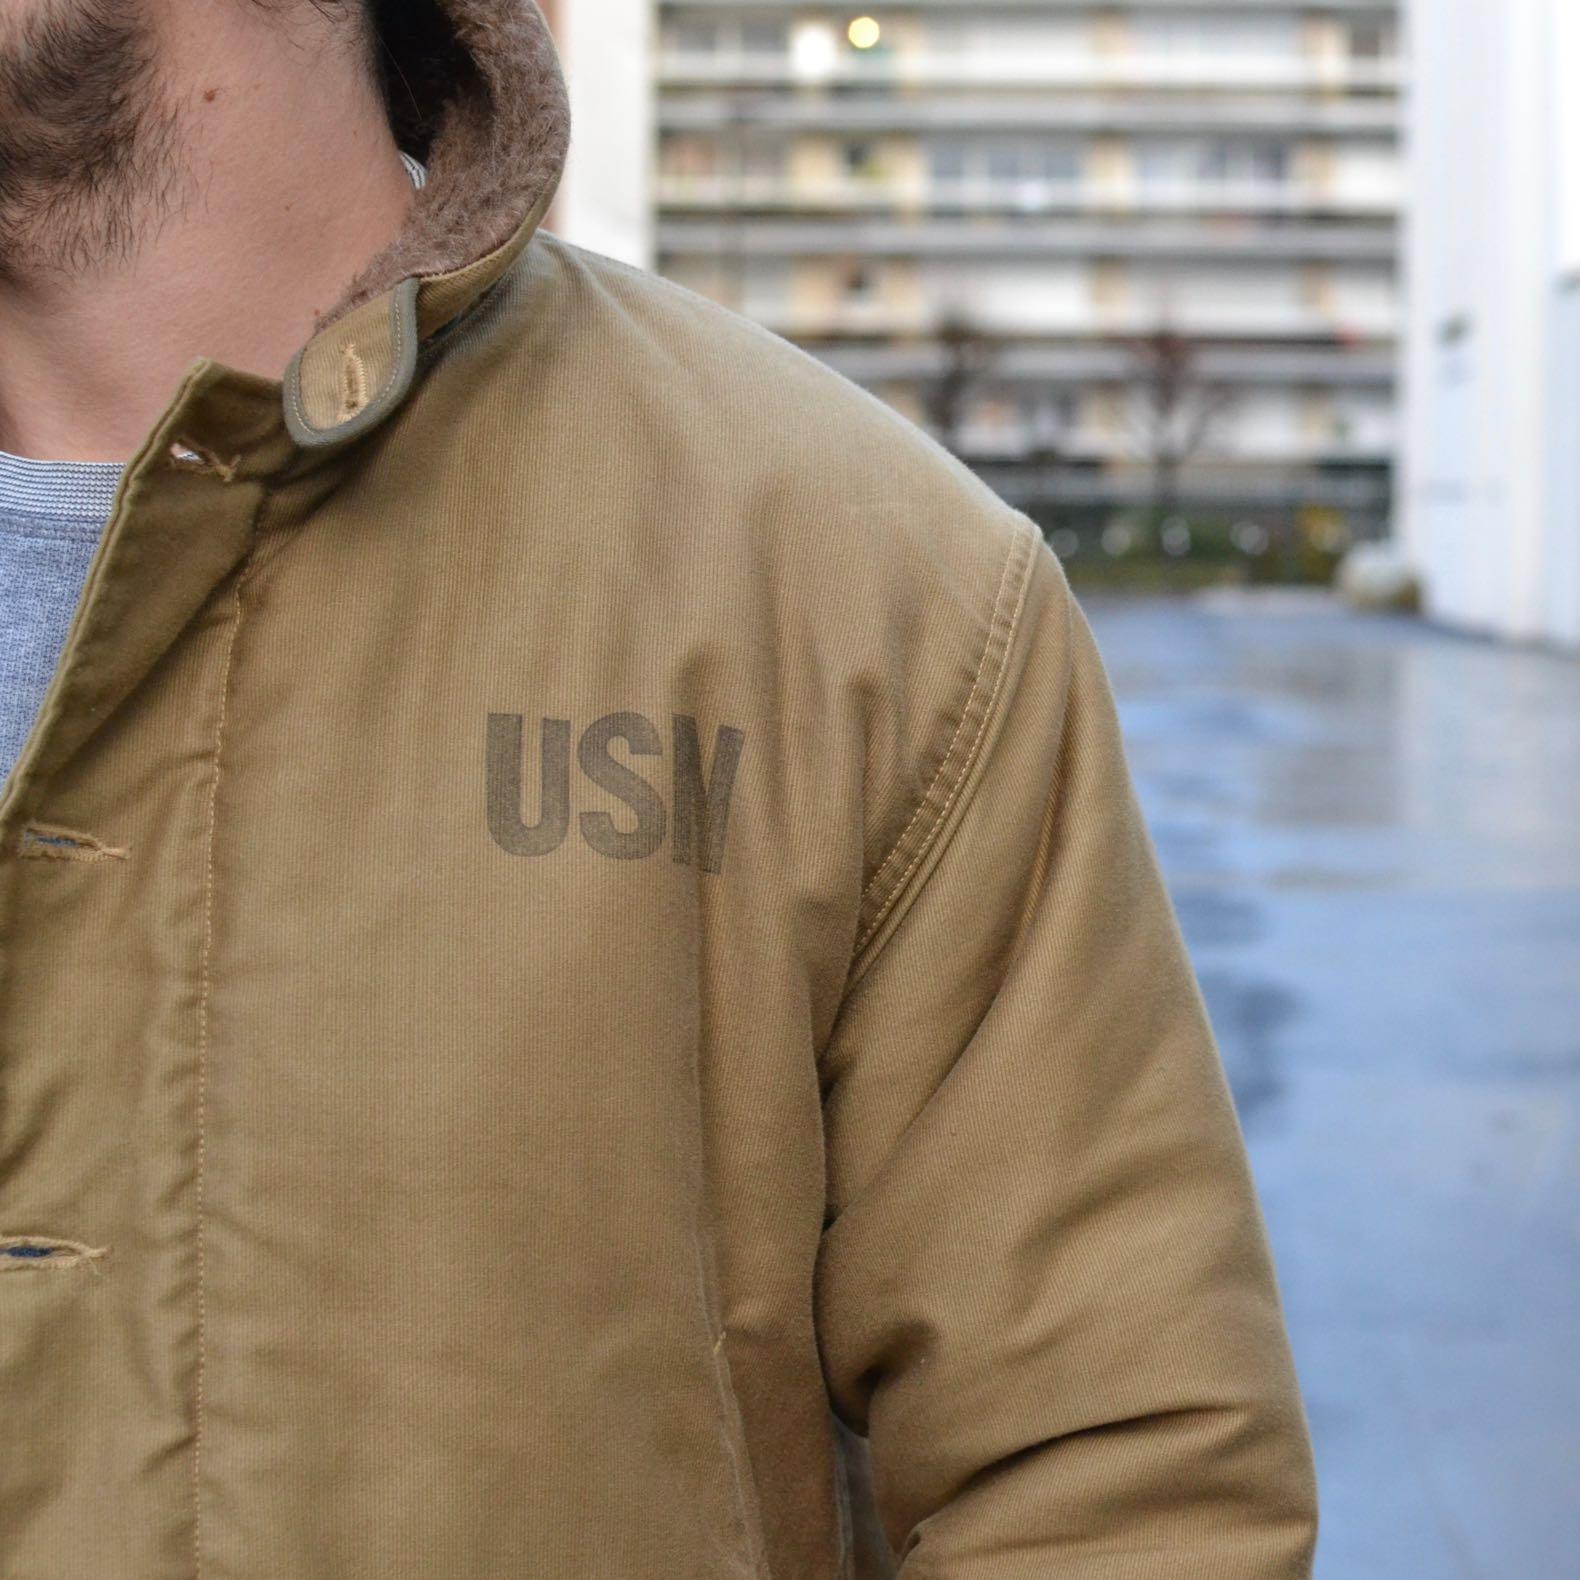 buzz rickson n1 deck jacket